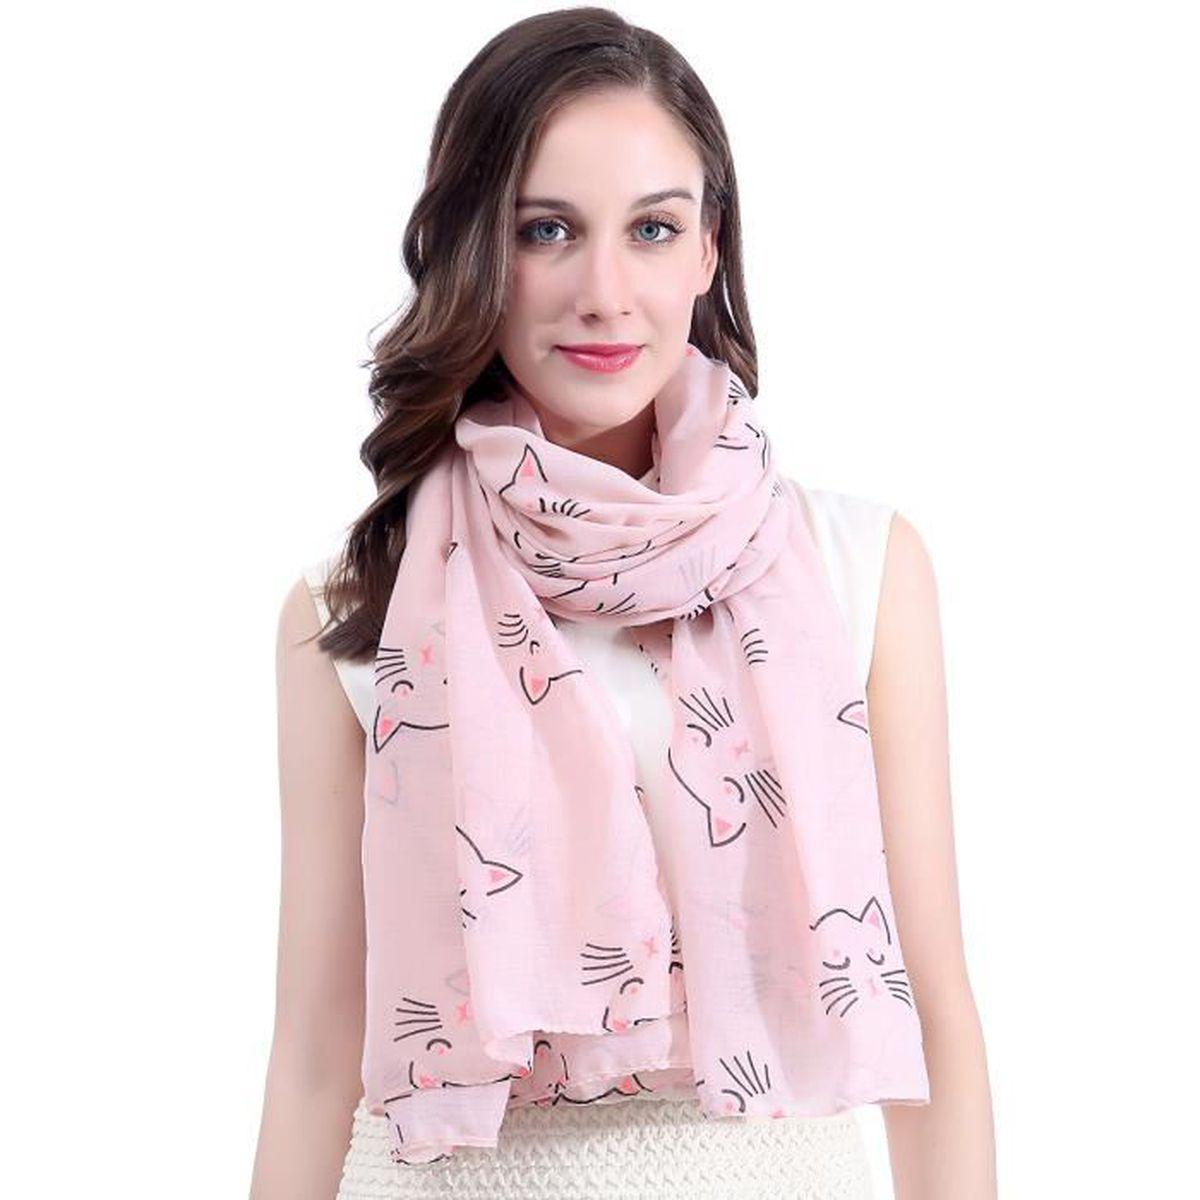 12251f0907f6 Foulard rose avec des chats - Achat   Vente pas cher